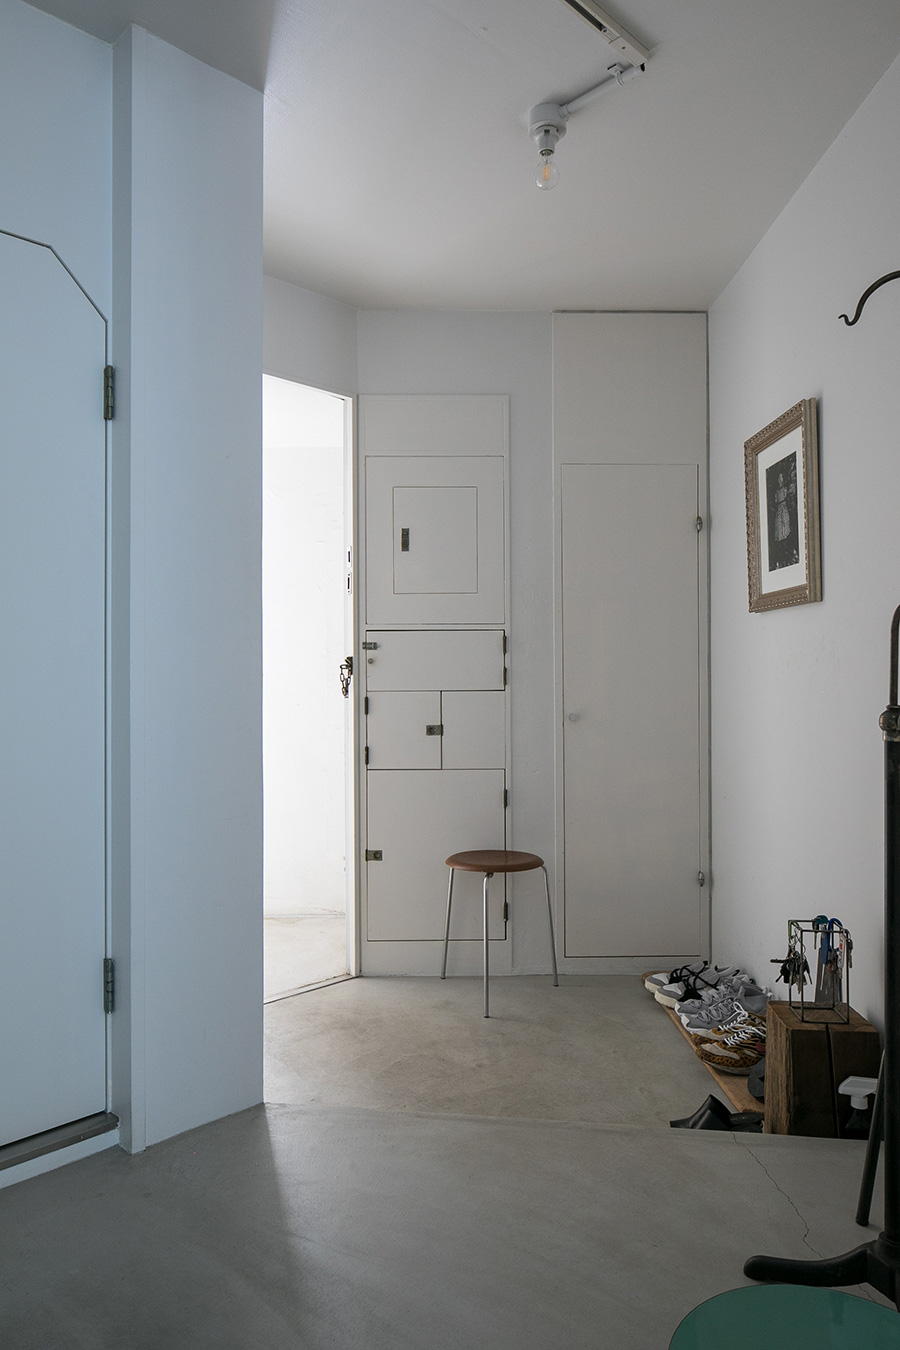 竣工から47年を経てもなお、玄関のポストやメーターを収納する扉のデザインが美しい。